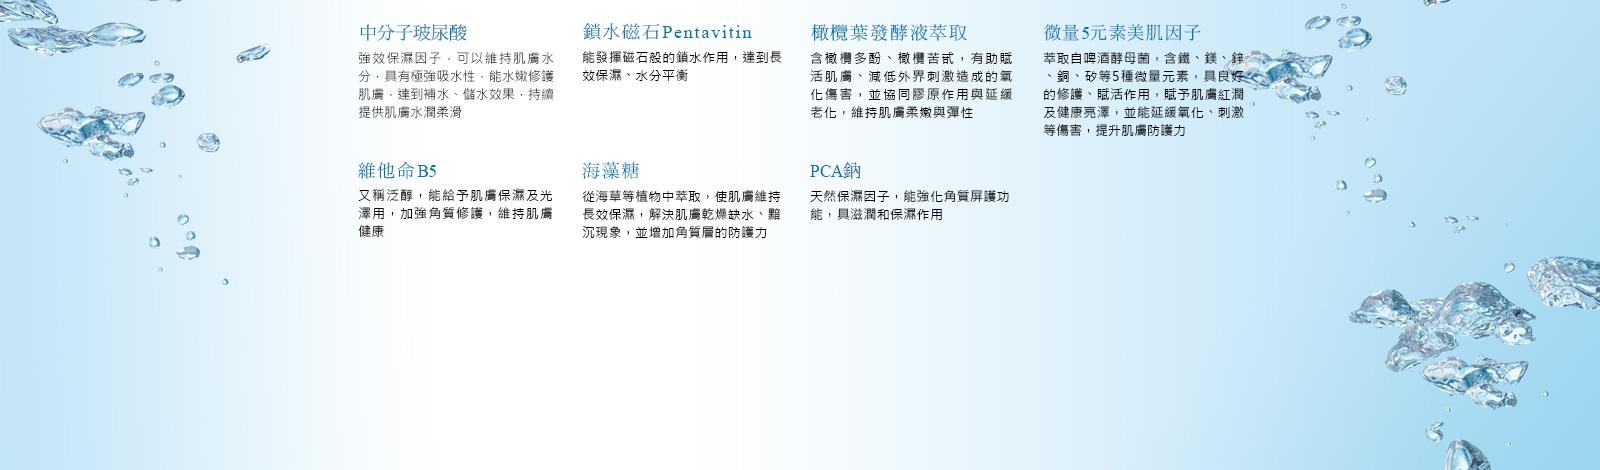 web-1000-03.jpg